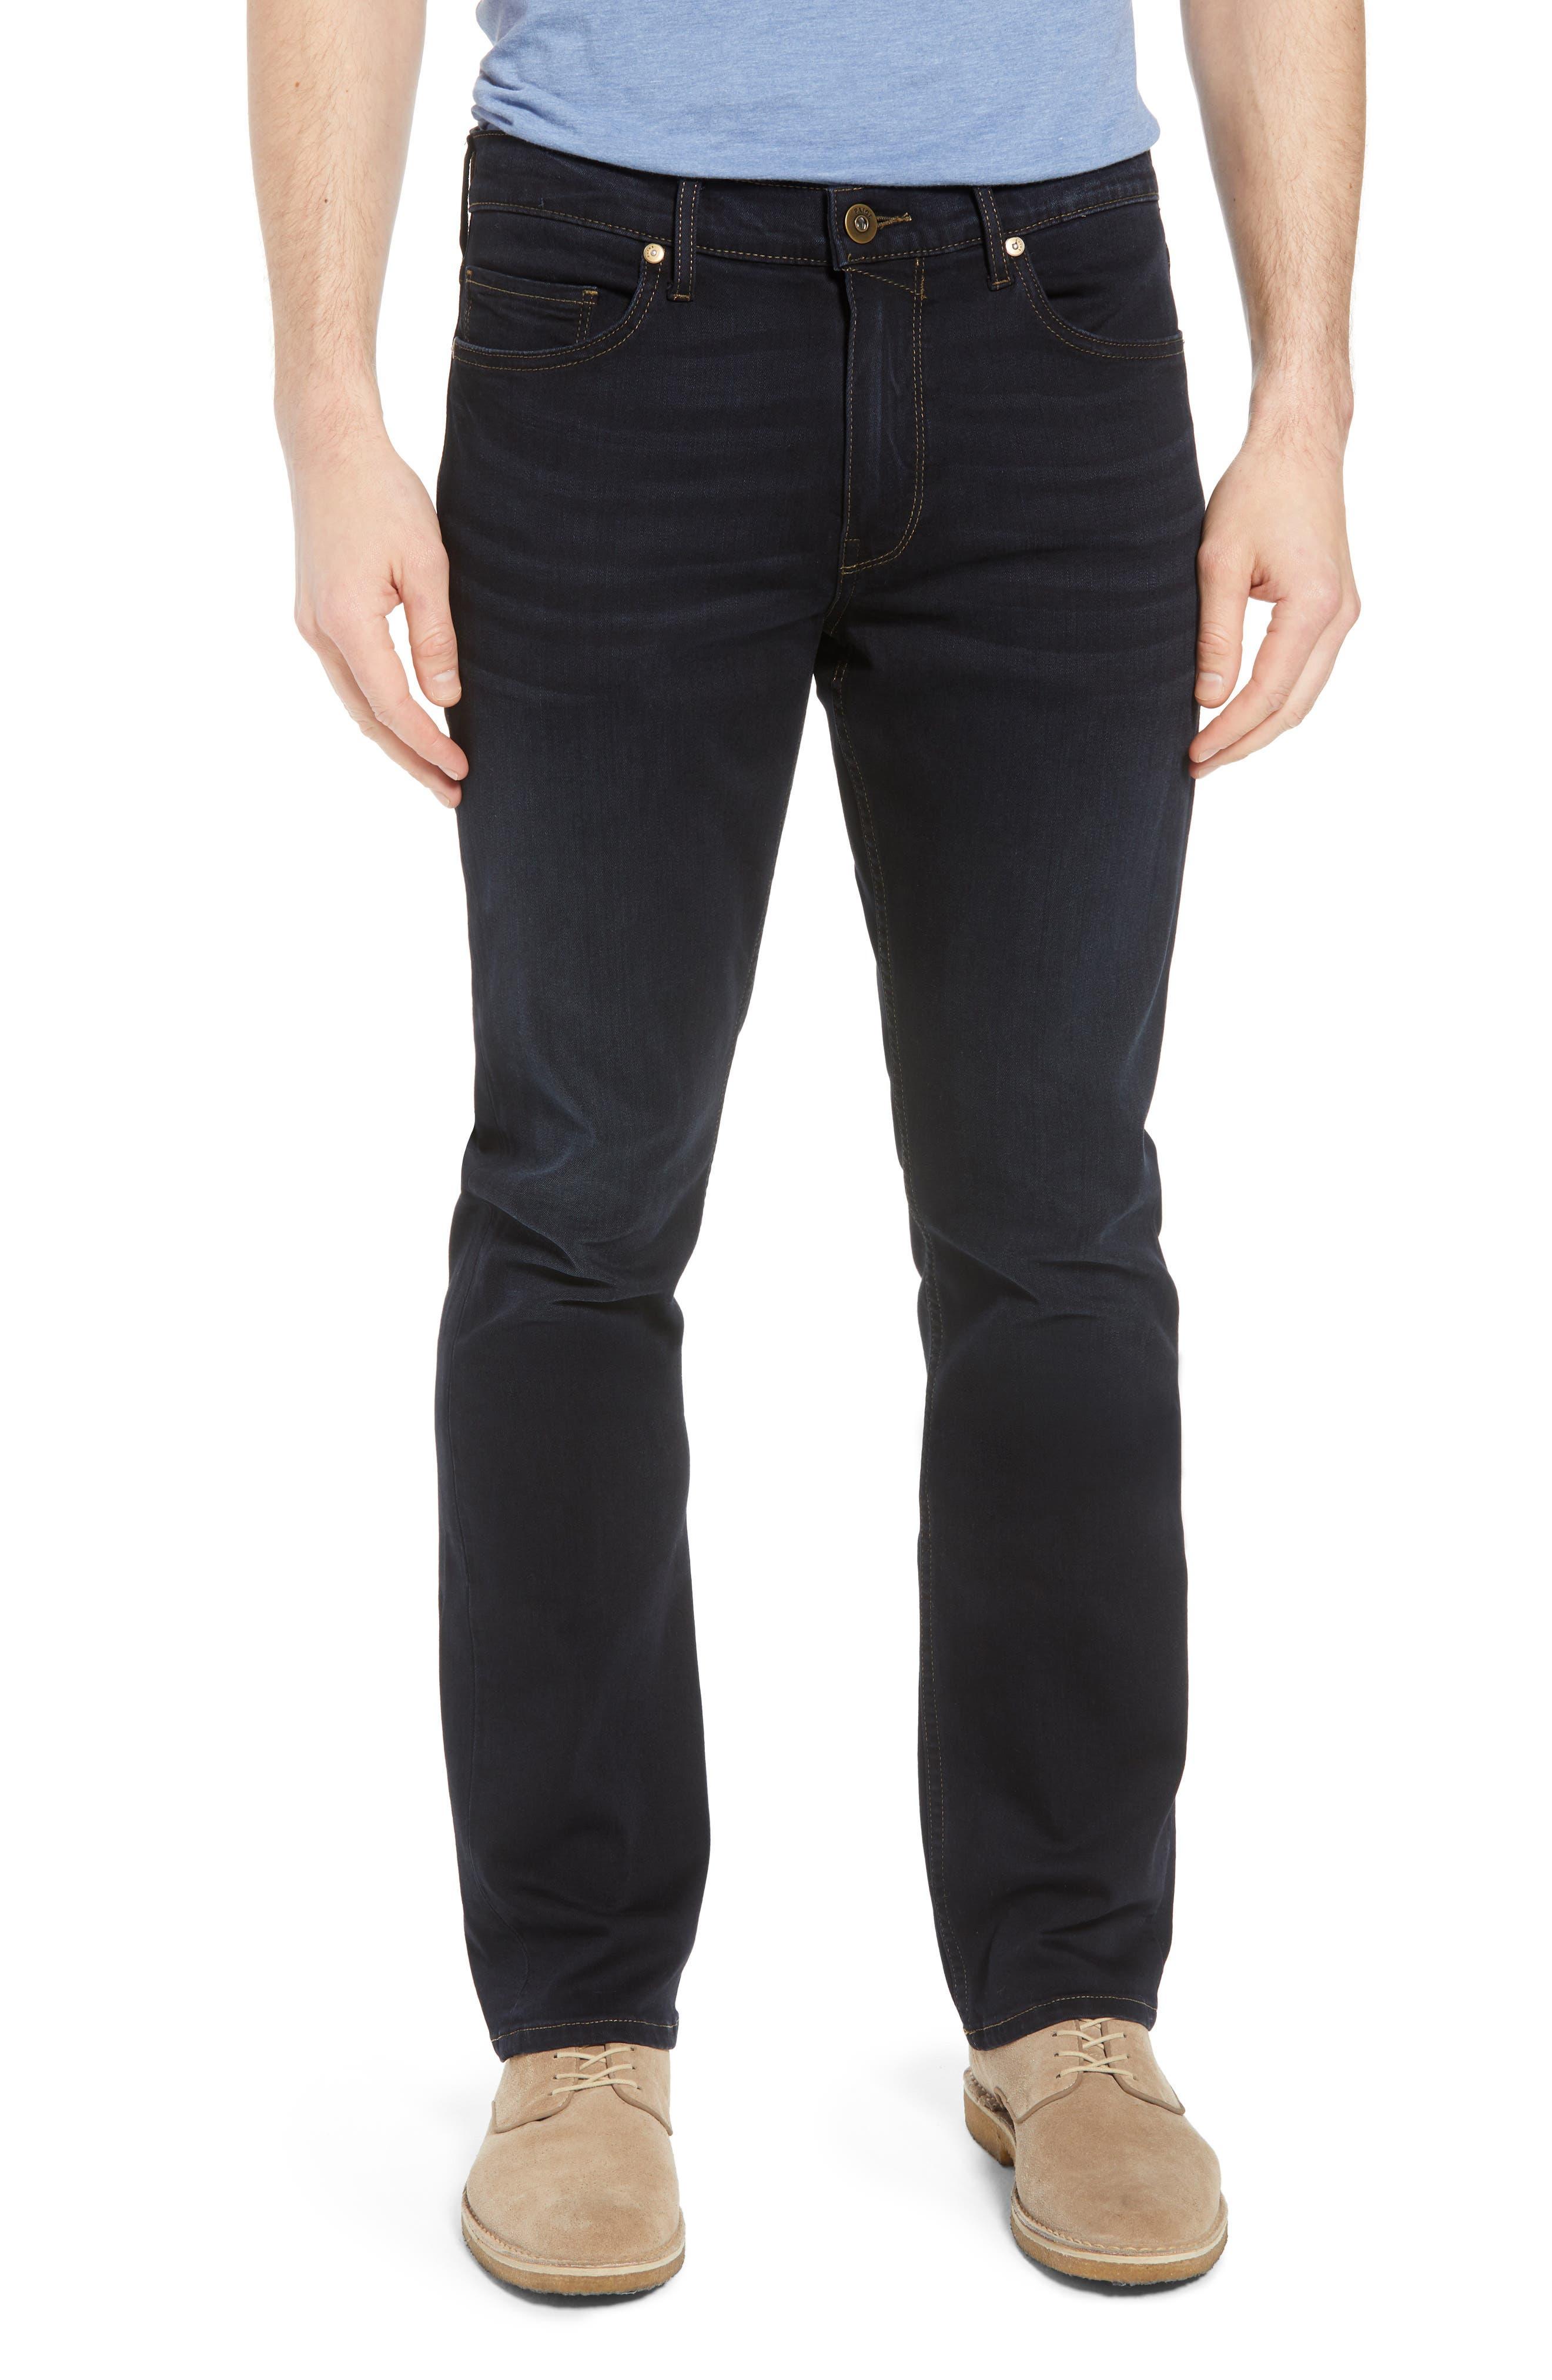 Transcend - Normandie Straight Leg Jeans,                             Main thumbnail 1, color,                             Ron